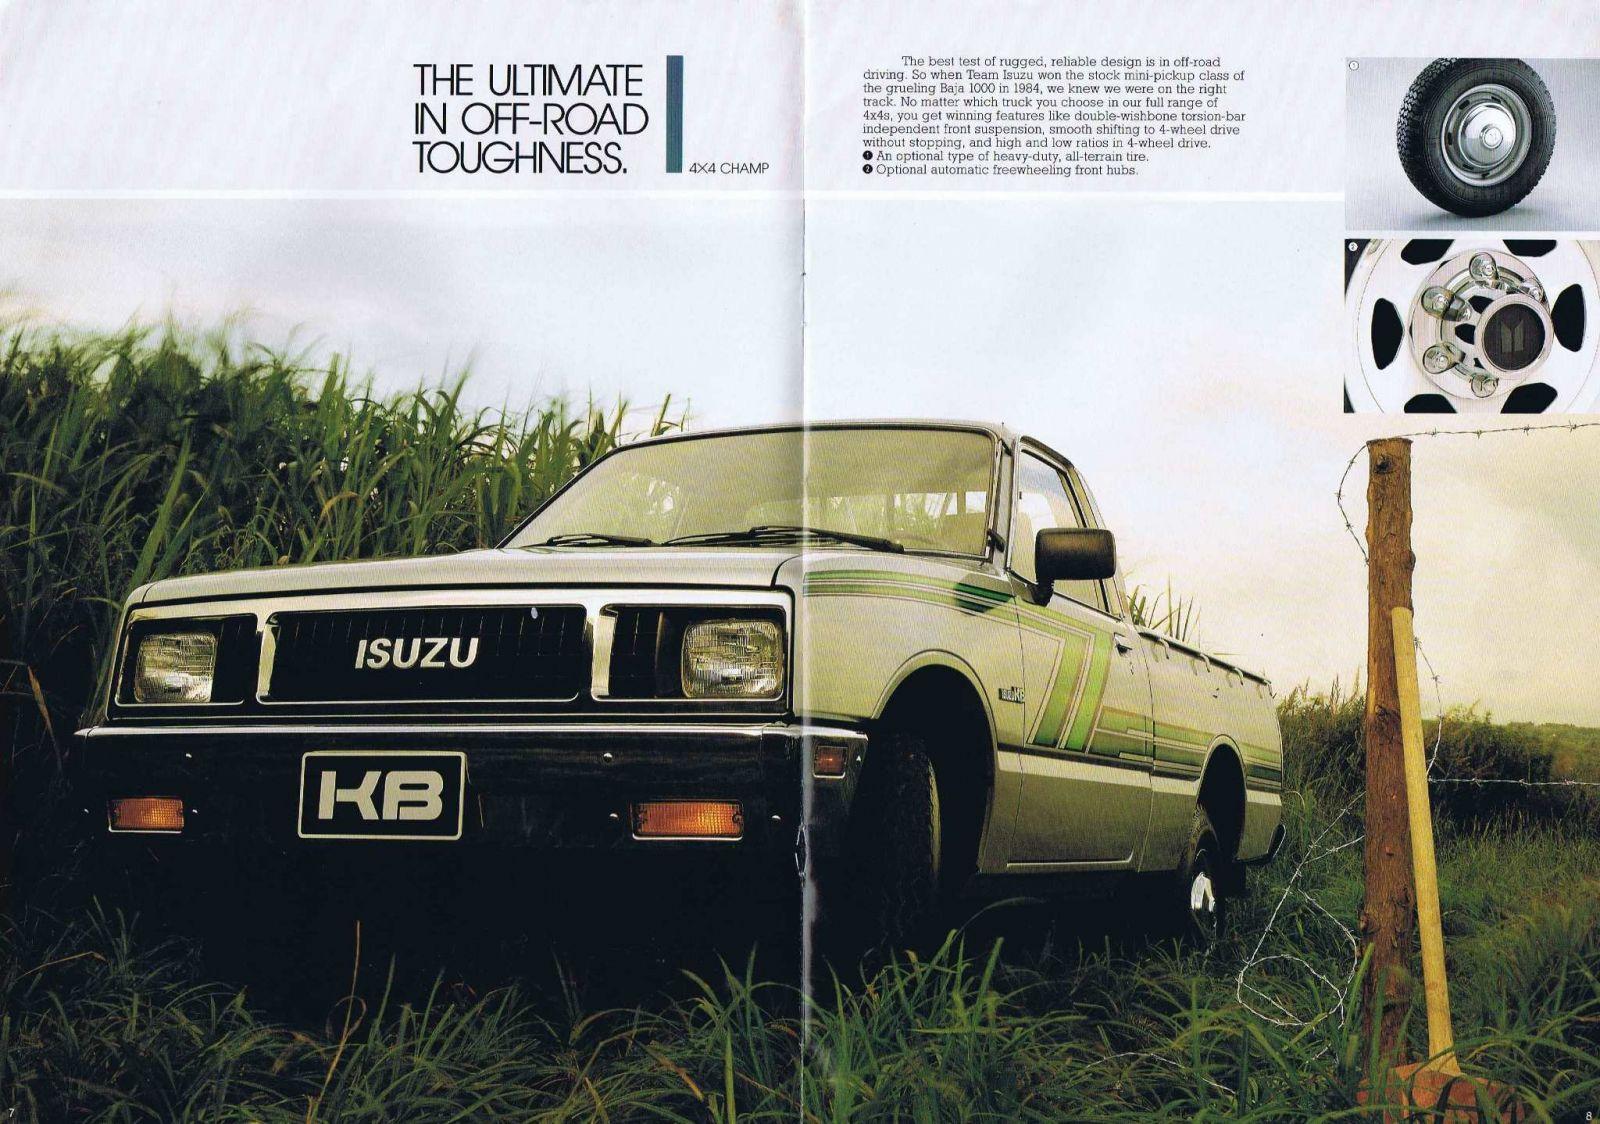 1987 Isuzu KBD Page 06.JPG